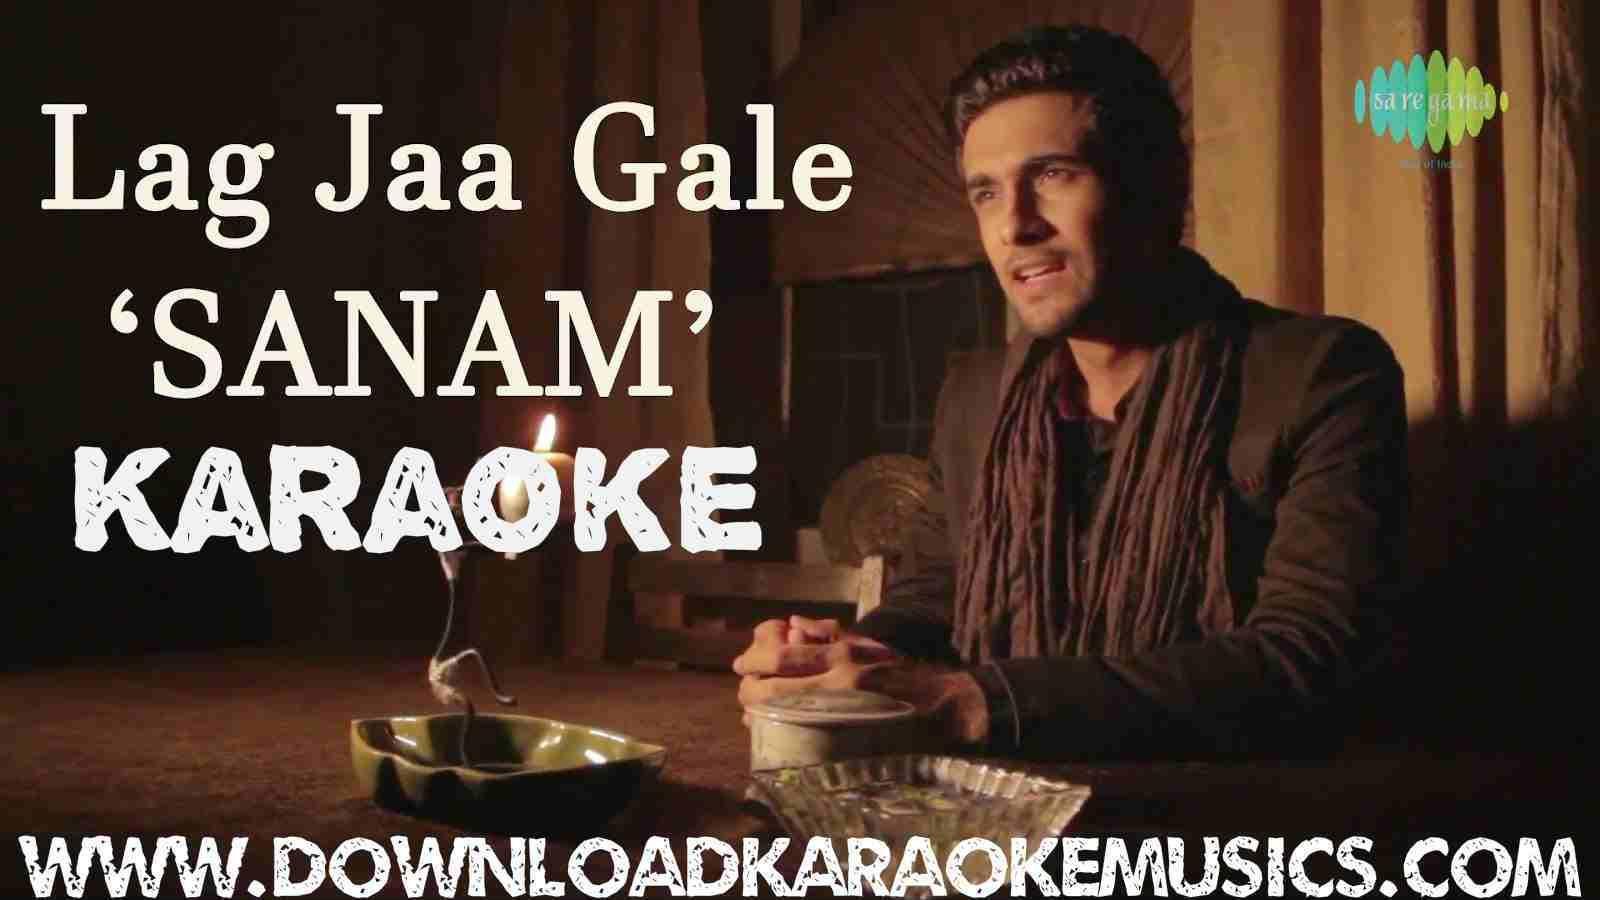 Lag Jaa Gale Sanam Song Karaoke Download Karaoke In 2019 Music